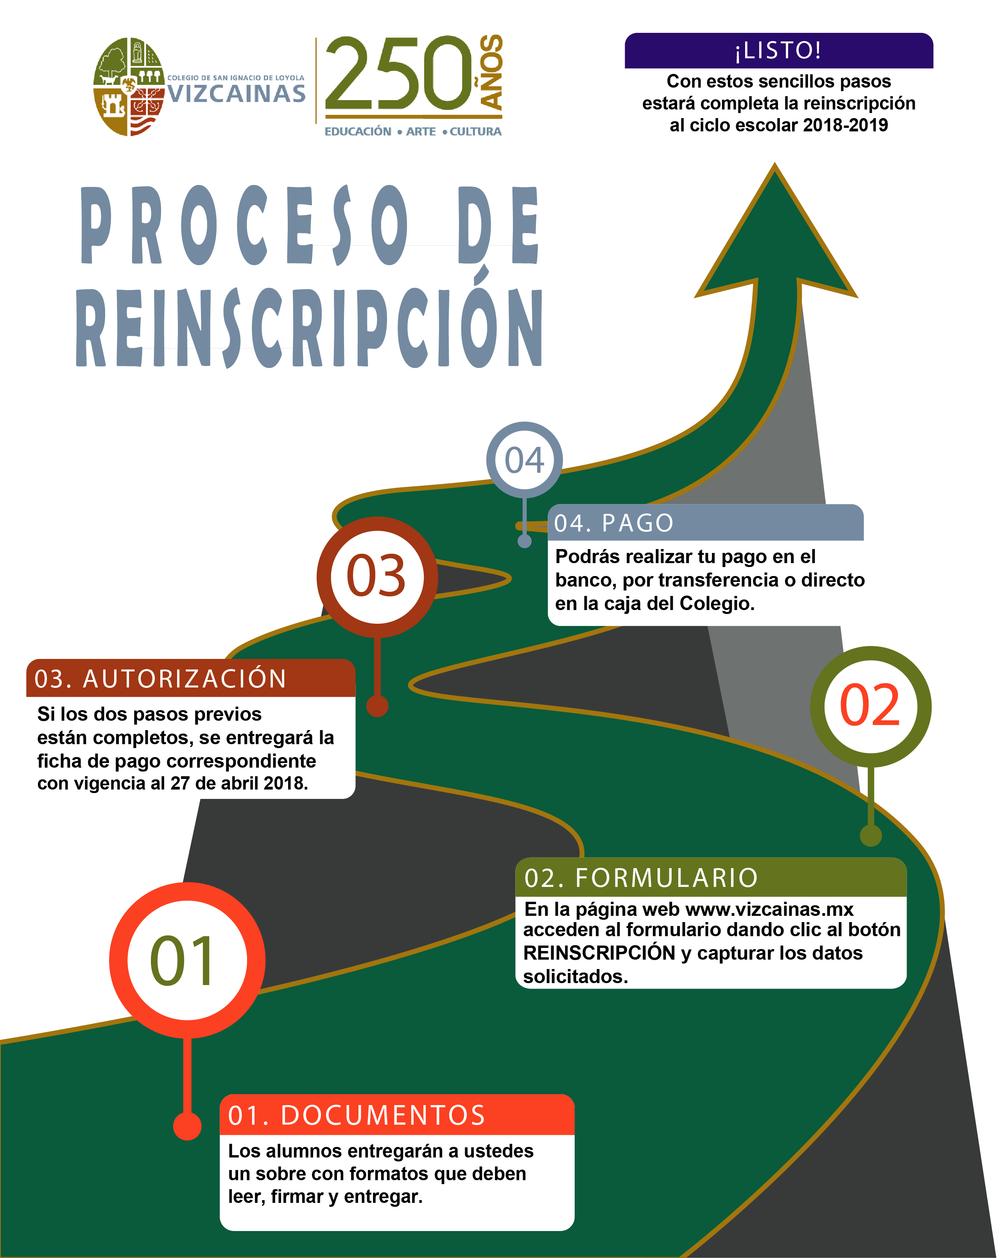 Proceso de reinscripcion_OK-01.png